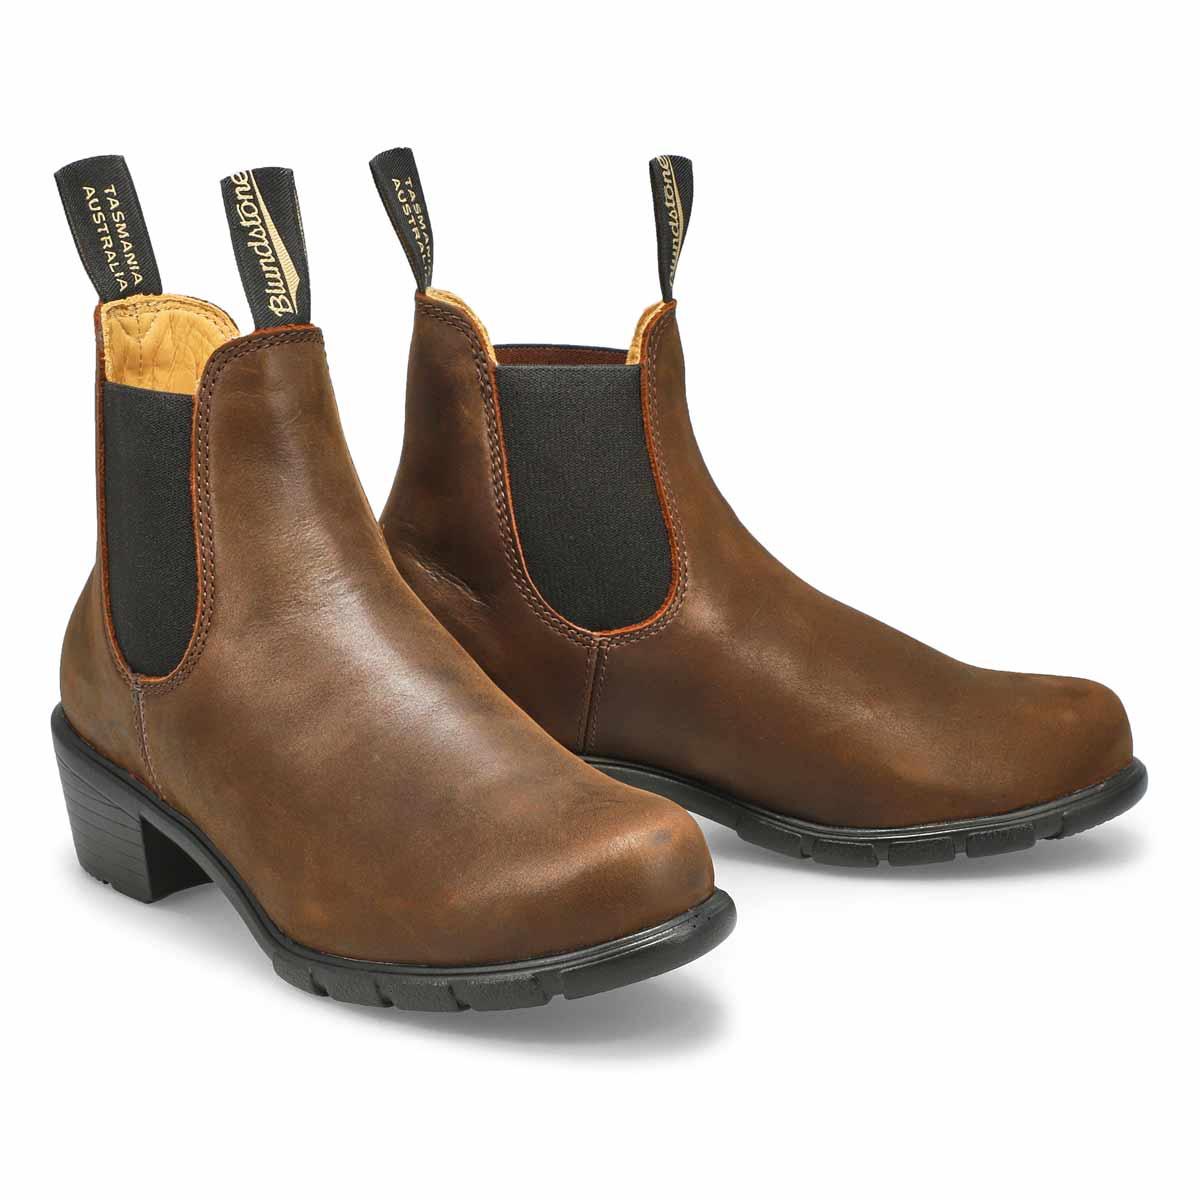 Women's 1673 Chelsea Boot - Brown